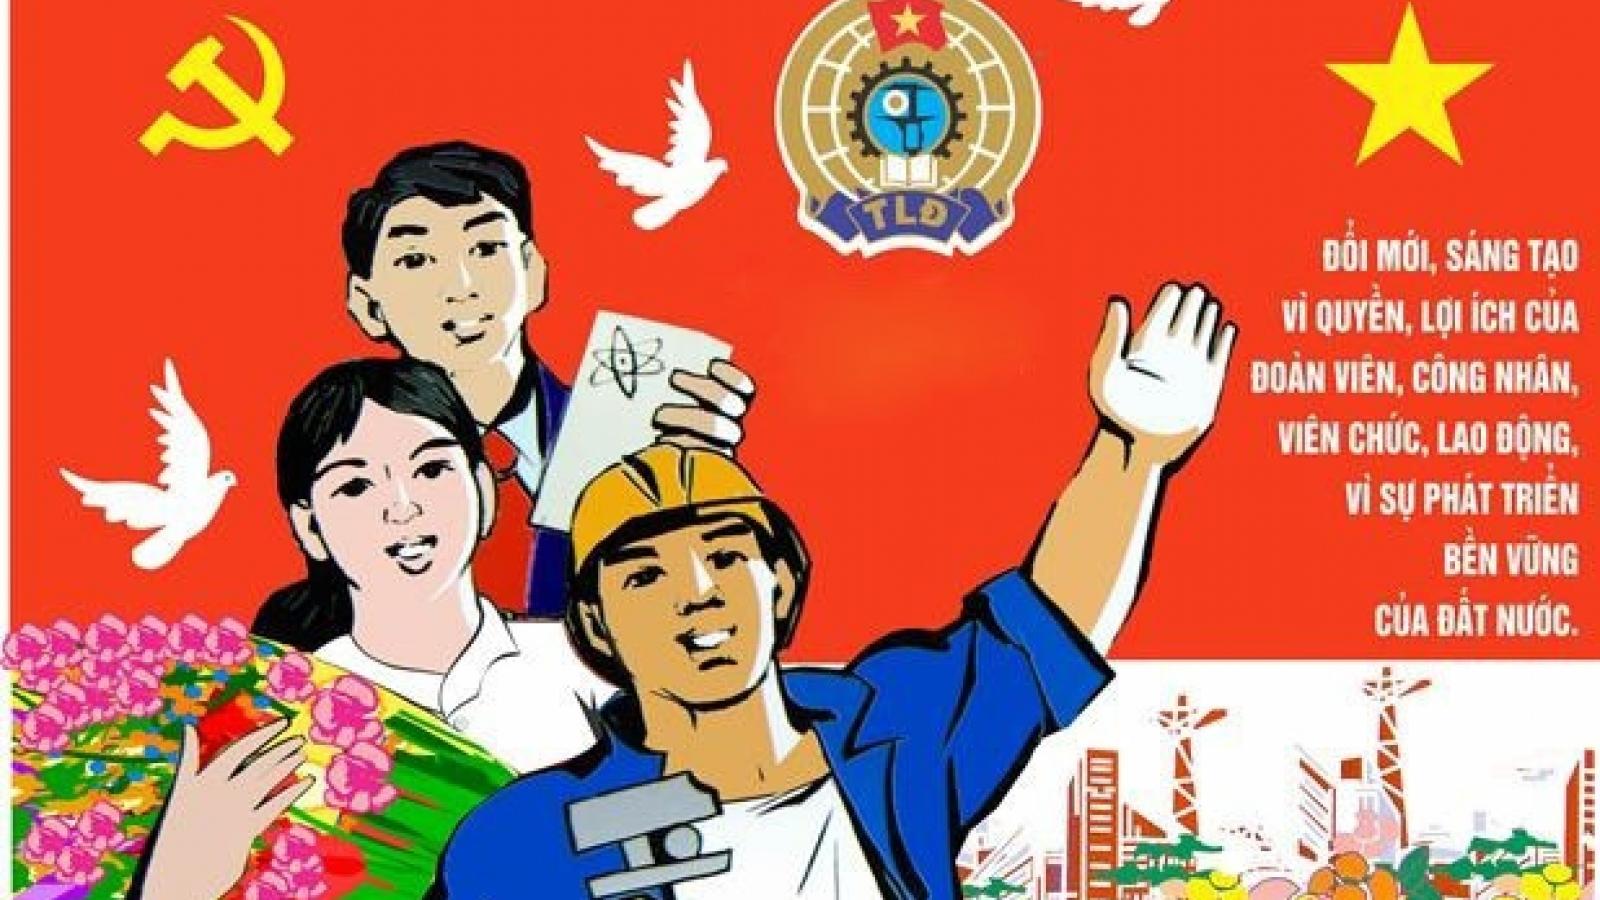 Công đoàn Việt Nam thay đổi hình thức tổ chức Tháng Công nhân 2020